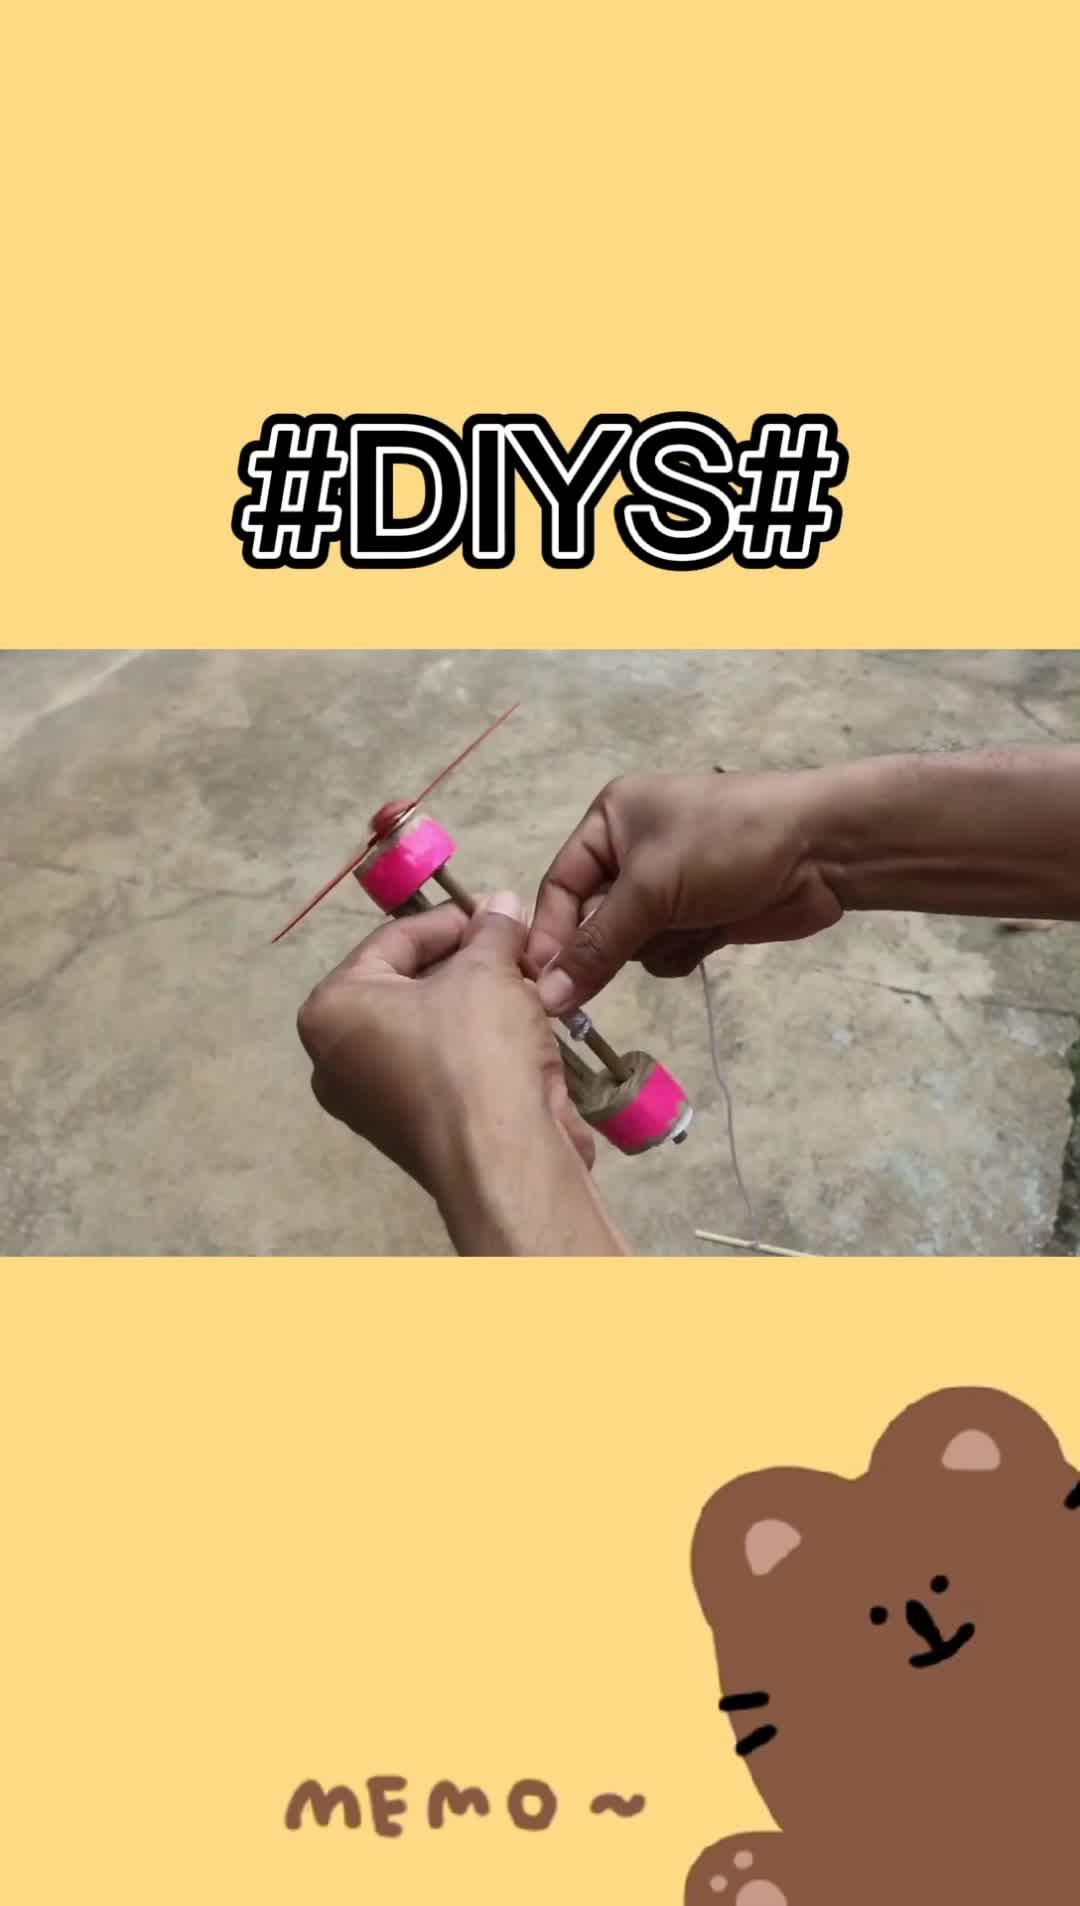 教你如何制作竹蜻蜓!